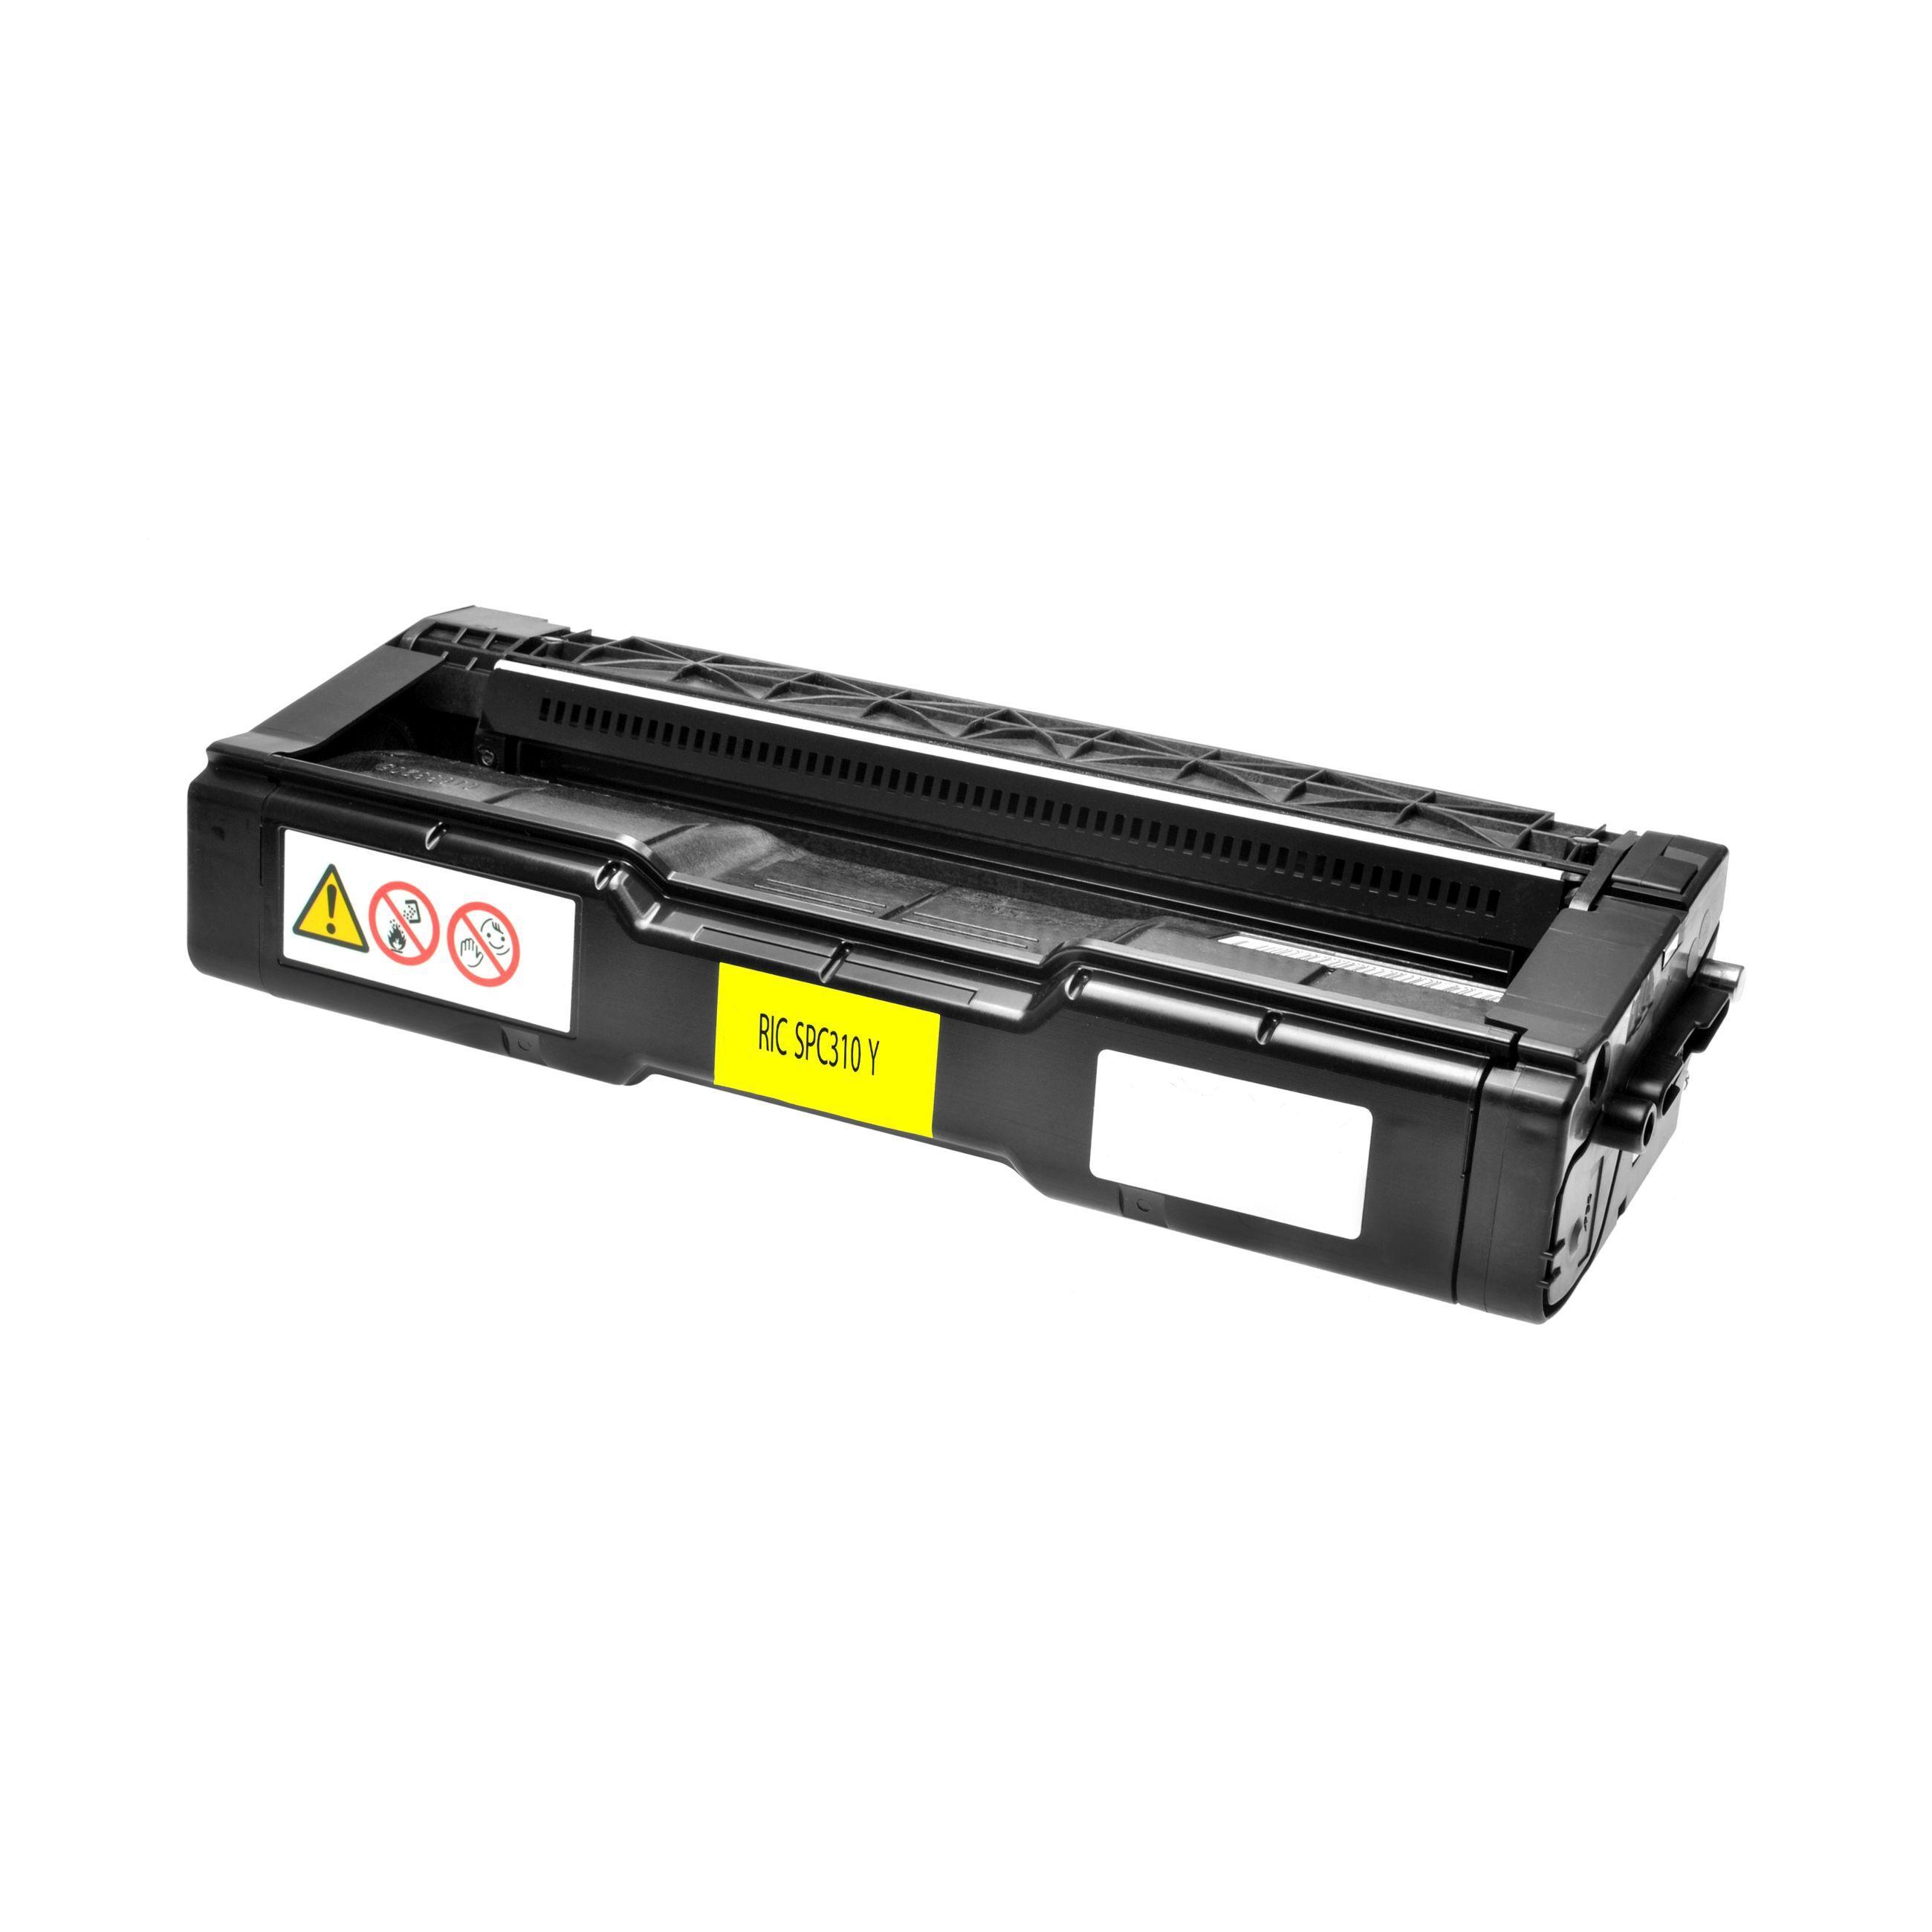 Ricoh Cartouche de Toner pour Ricoh 406351 / TYPE SPC 310 HE jaune compatible (de marque ASC)